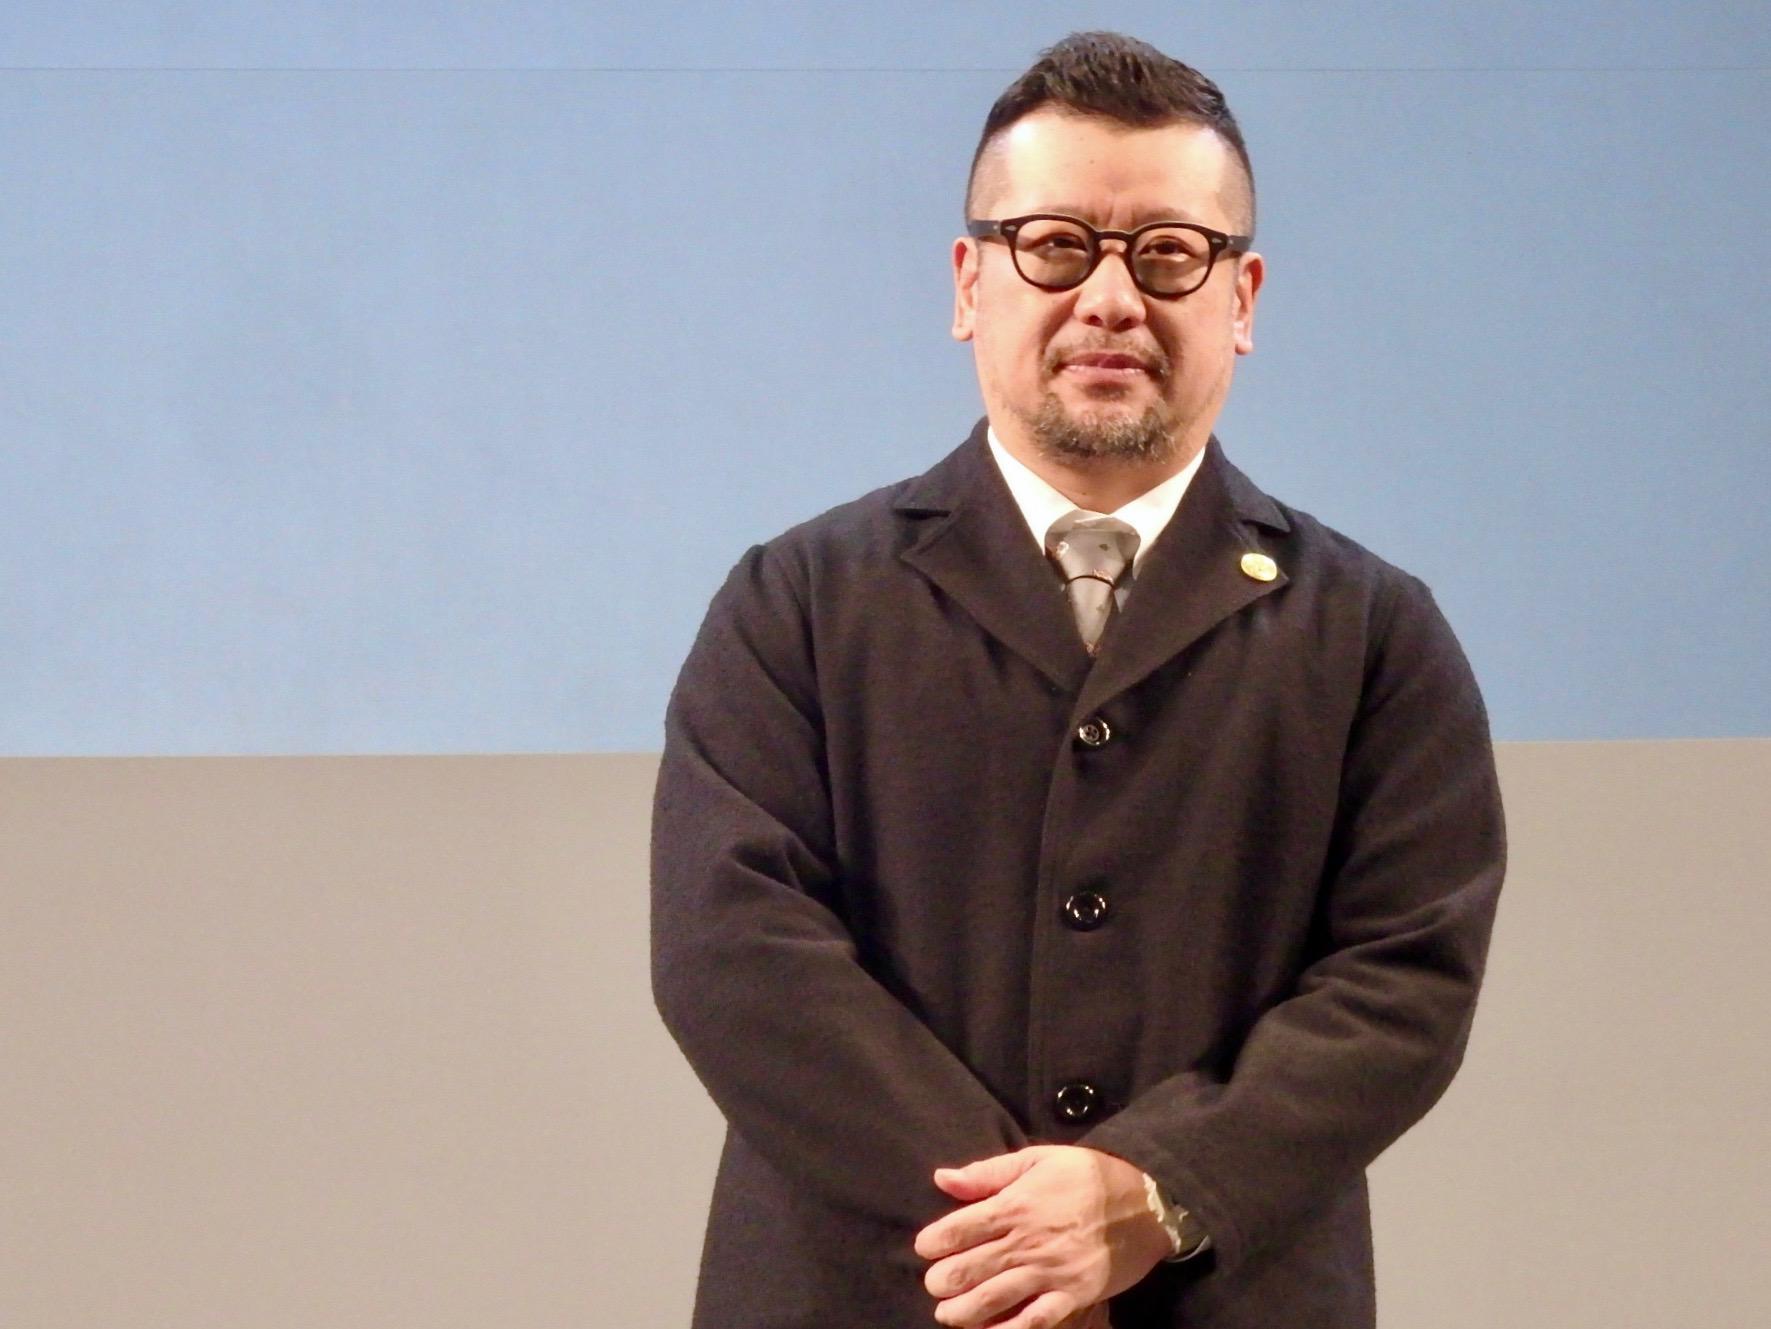 http://news.yoshimoto.co.jp/20180923160115-b42aad4dd5e3633e539f80290f5b434b193c4921.jpg